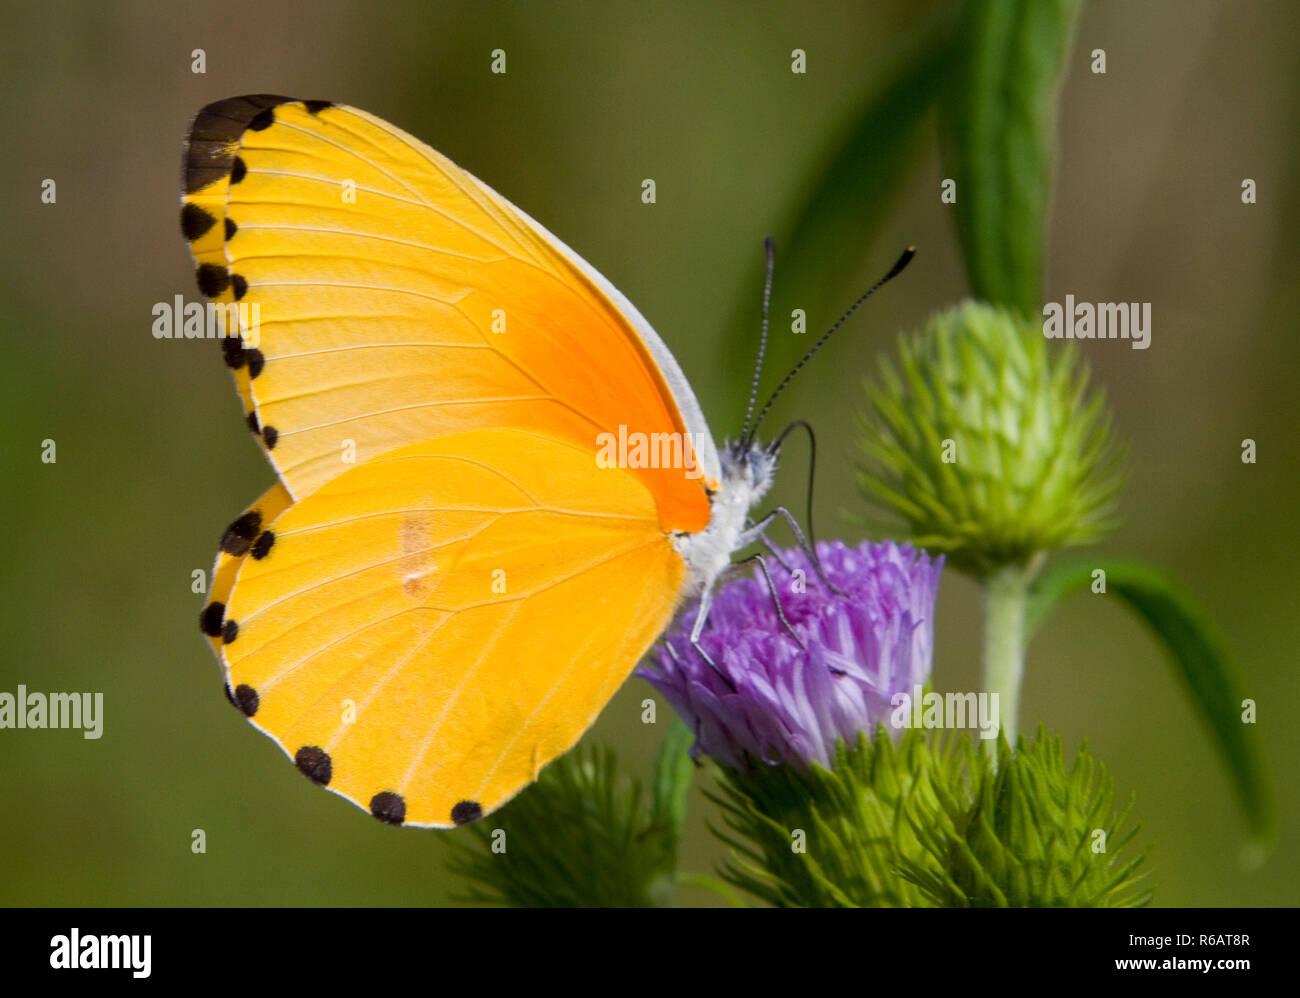 Eine häufig anzutreffende, langsam Fliegende butterflyof die 'Weiße' Familie, den gemeinsamen Punkt Grenze ohne weiteres auf bestimmte blühende Pflanzen während der Regenzeit angezogen wird. Stockbild